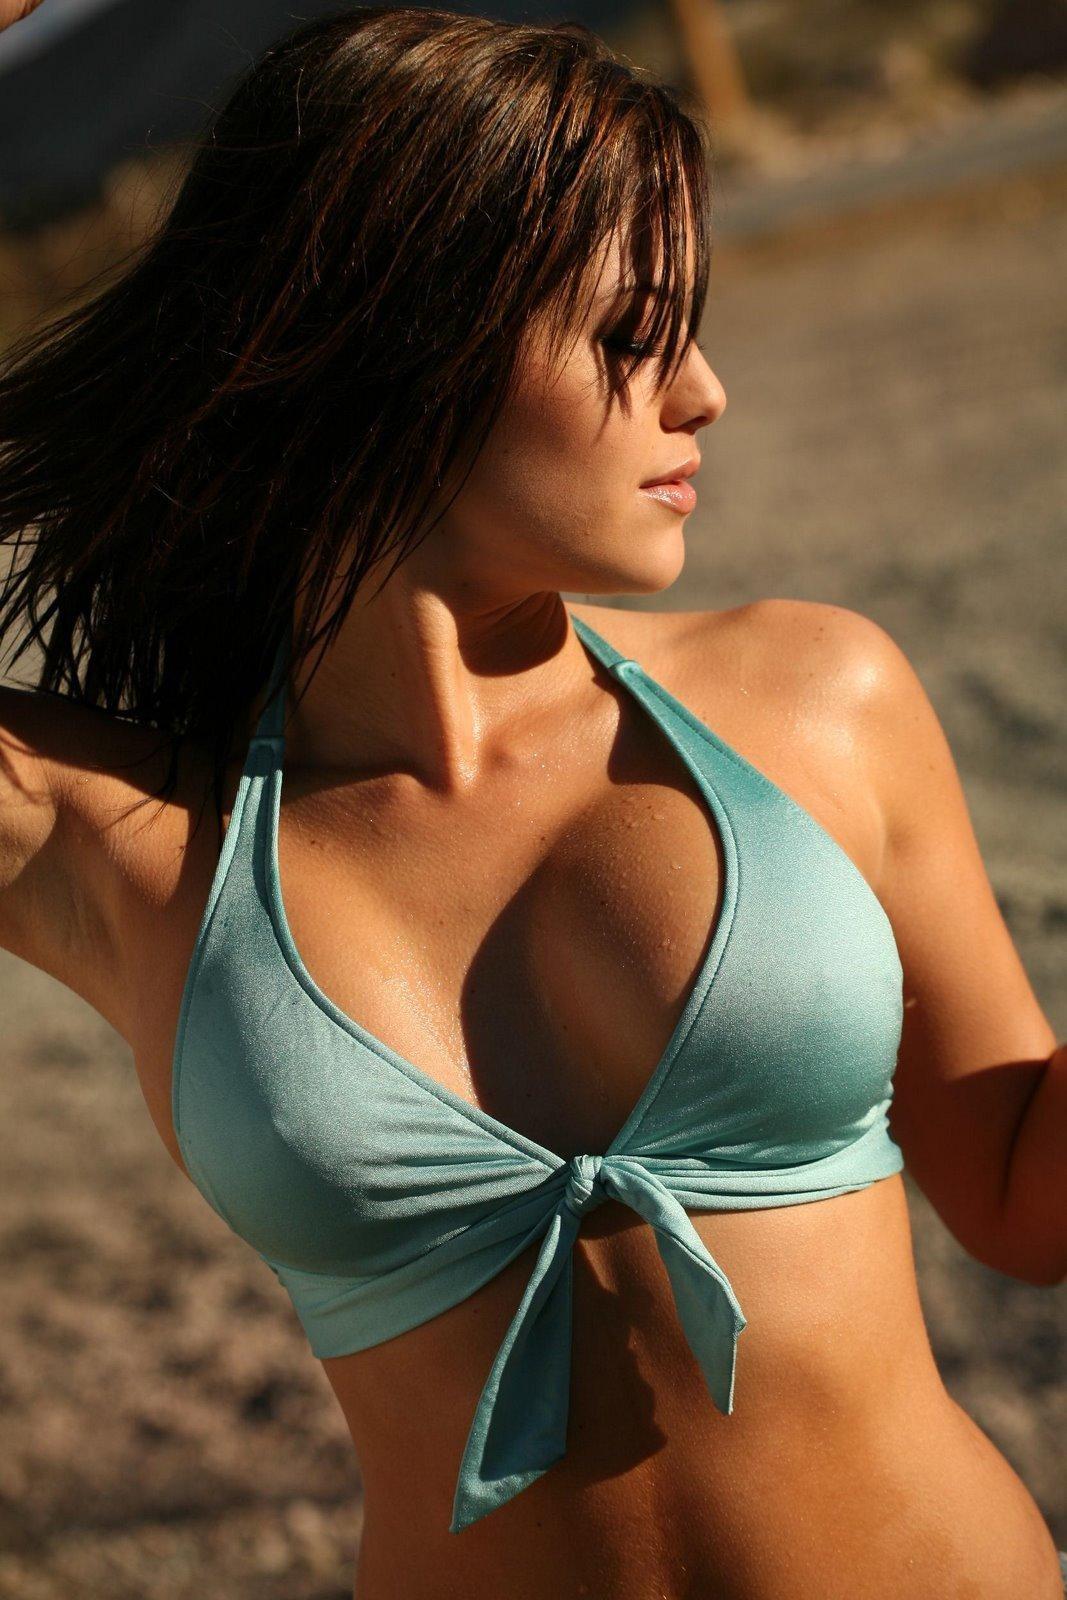 væske fra brysterne ad vidunder